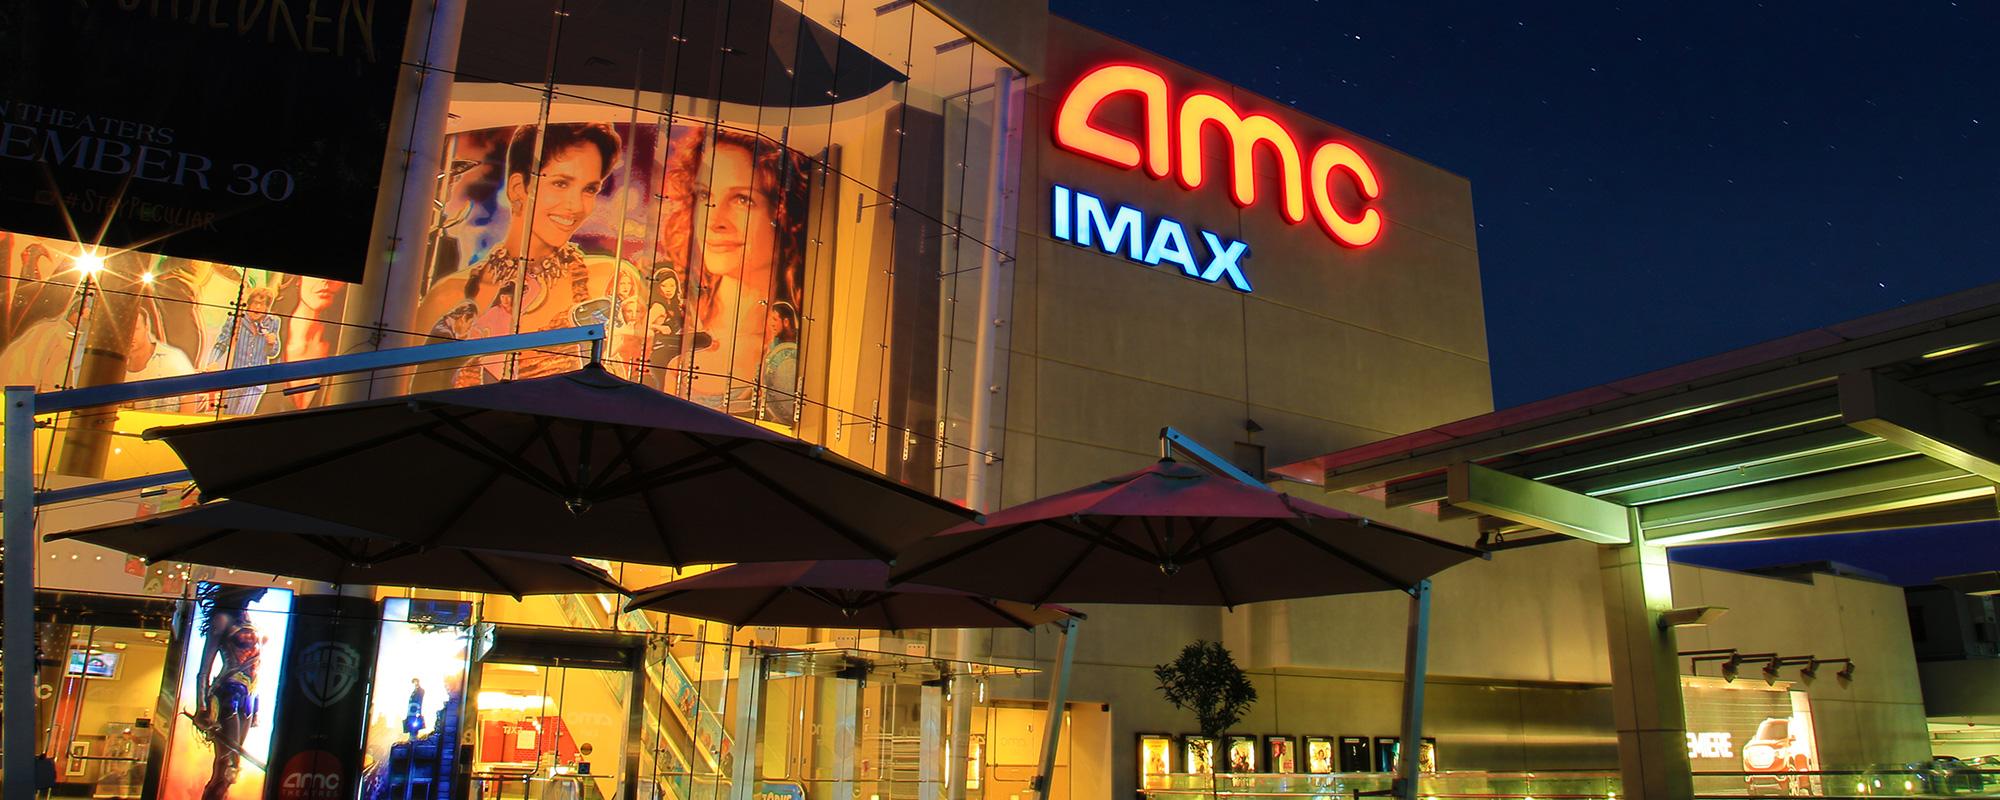 AMC Century City 15 - Los Angeles, California 90067 - AMC Theatres